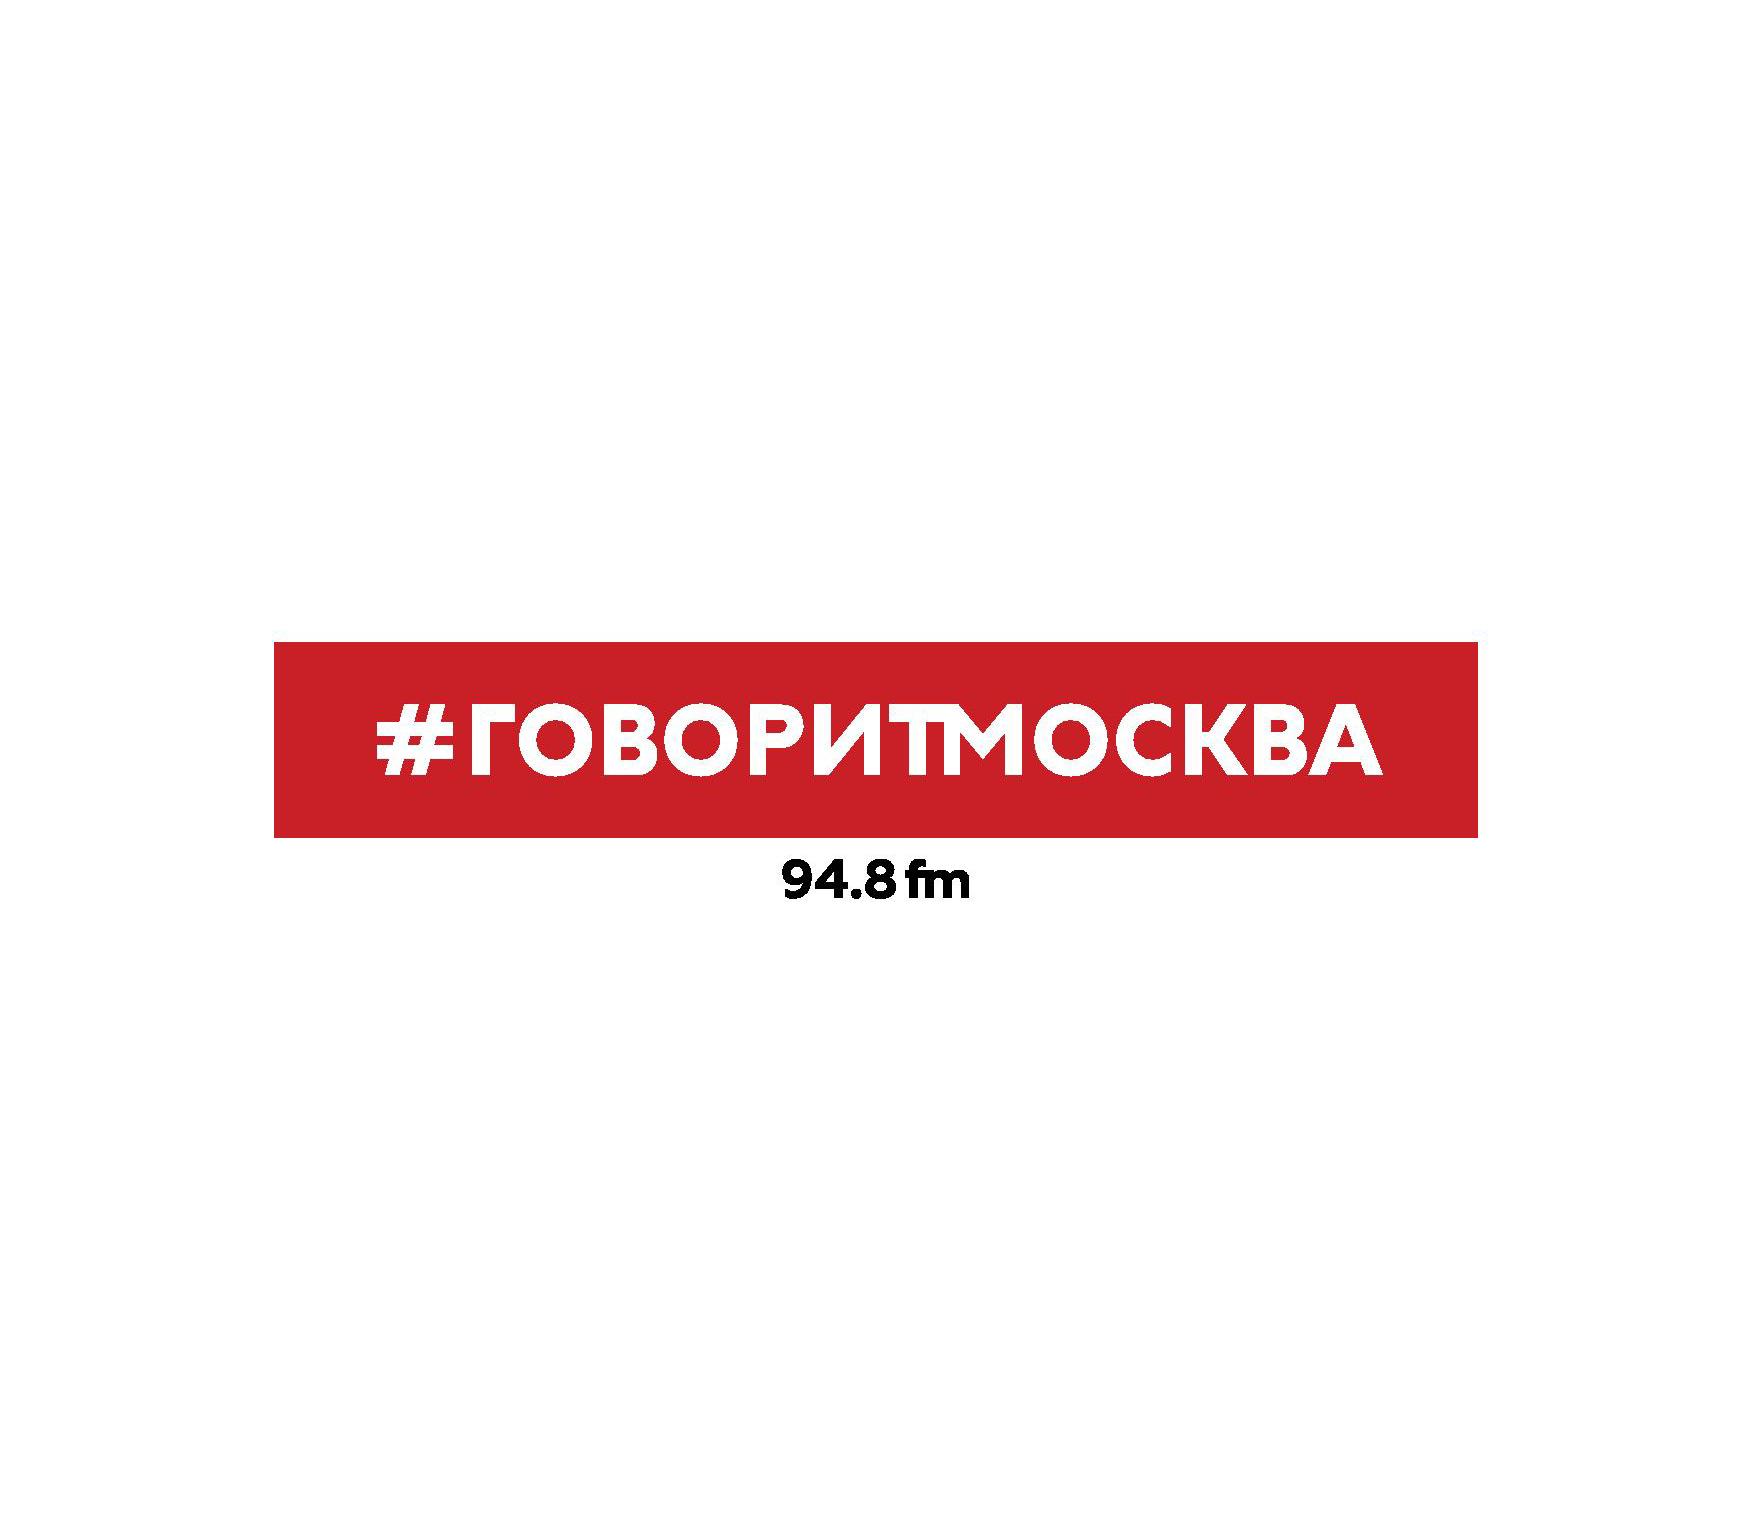 Макс Челноков 20 апреля. Варвара макс челноков 14 апреля андрей орлов